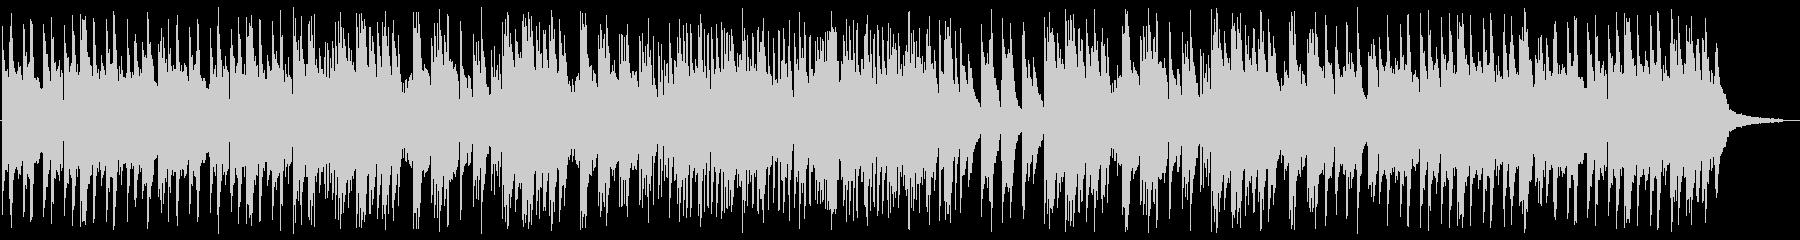 メローでメロディアスなピアノサウンドの未再生の波形